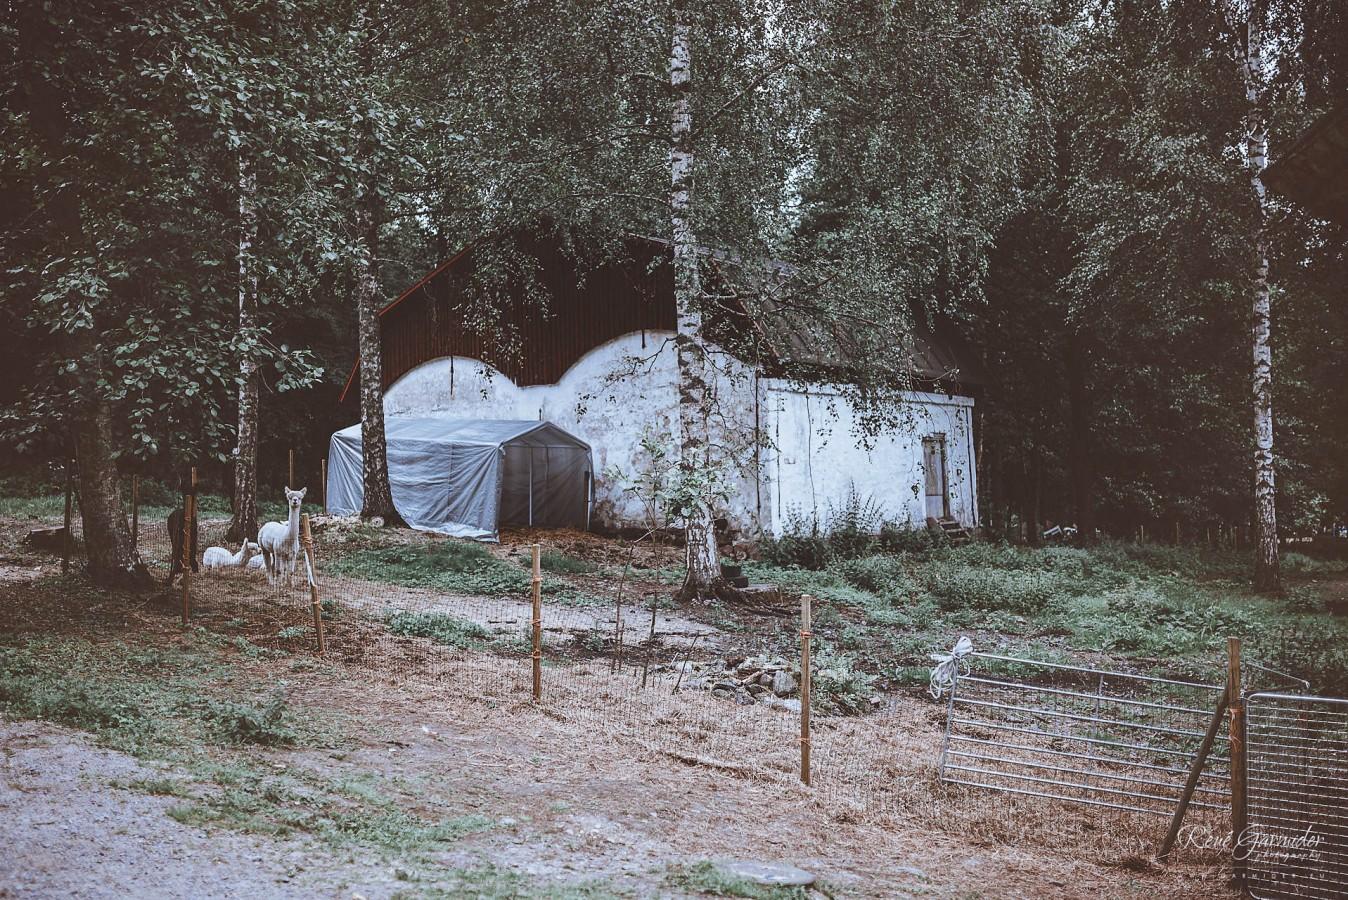 valokuvaaja-salo-haakuvaaja-halikko-mathildedal-emma-josh-3193